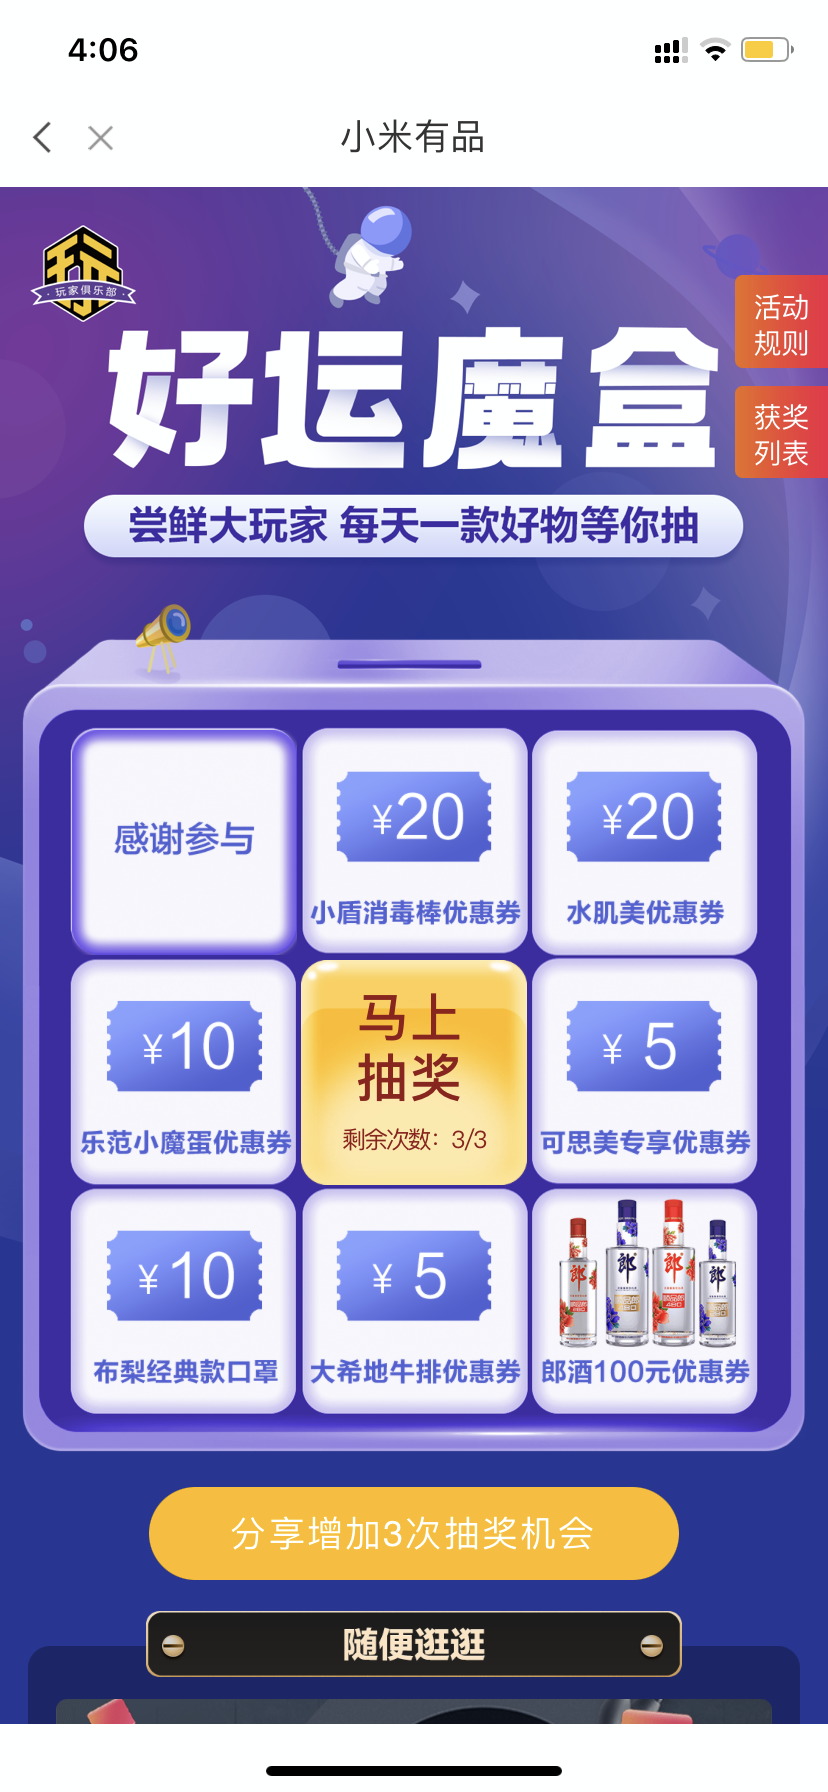 小米有品产品分析报告 小米有品 第97张